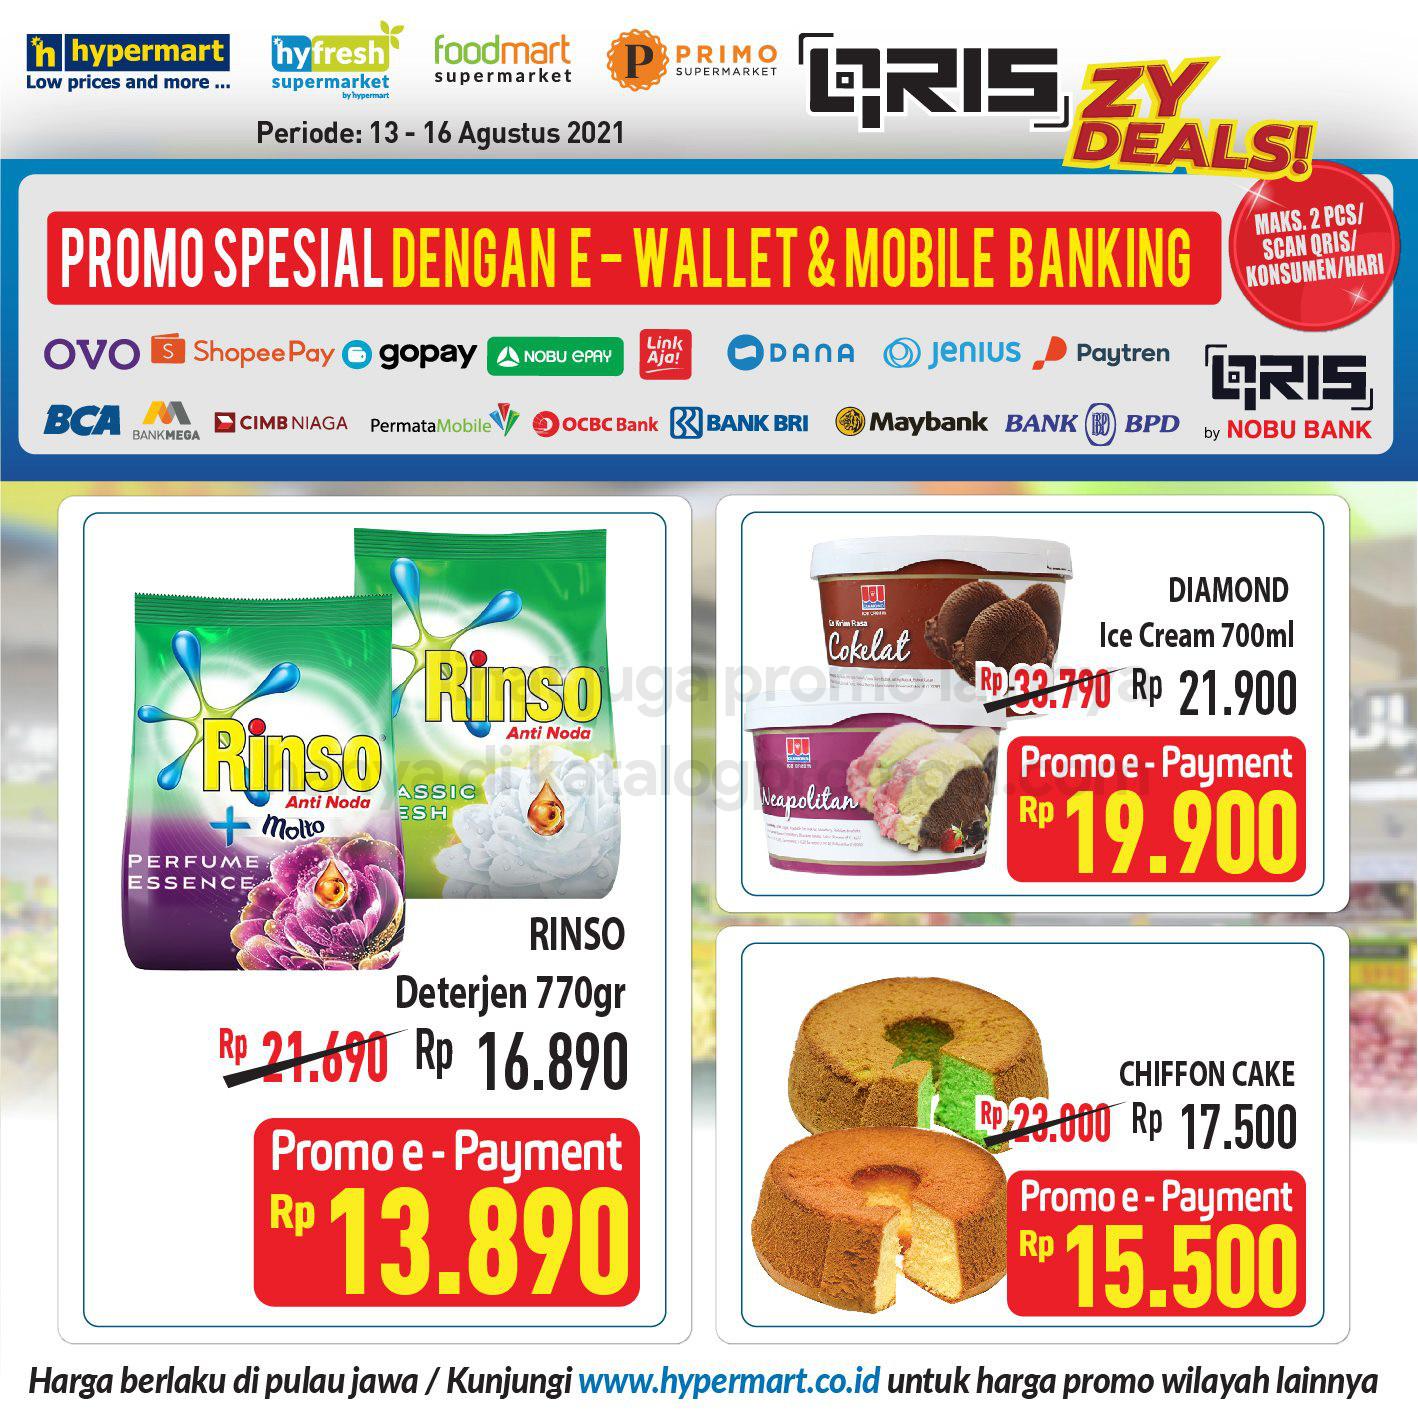 HYPERMART Promo HARGA SPESIAL bayar pakai E-Wallet dan Mobile Banking periode 13-16 Agustus 2021